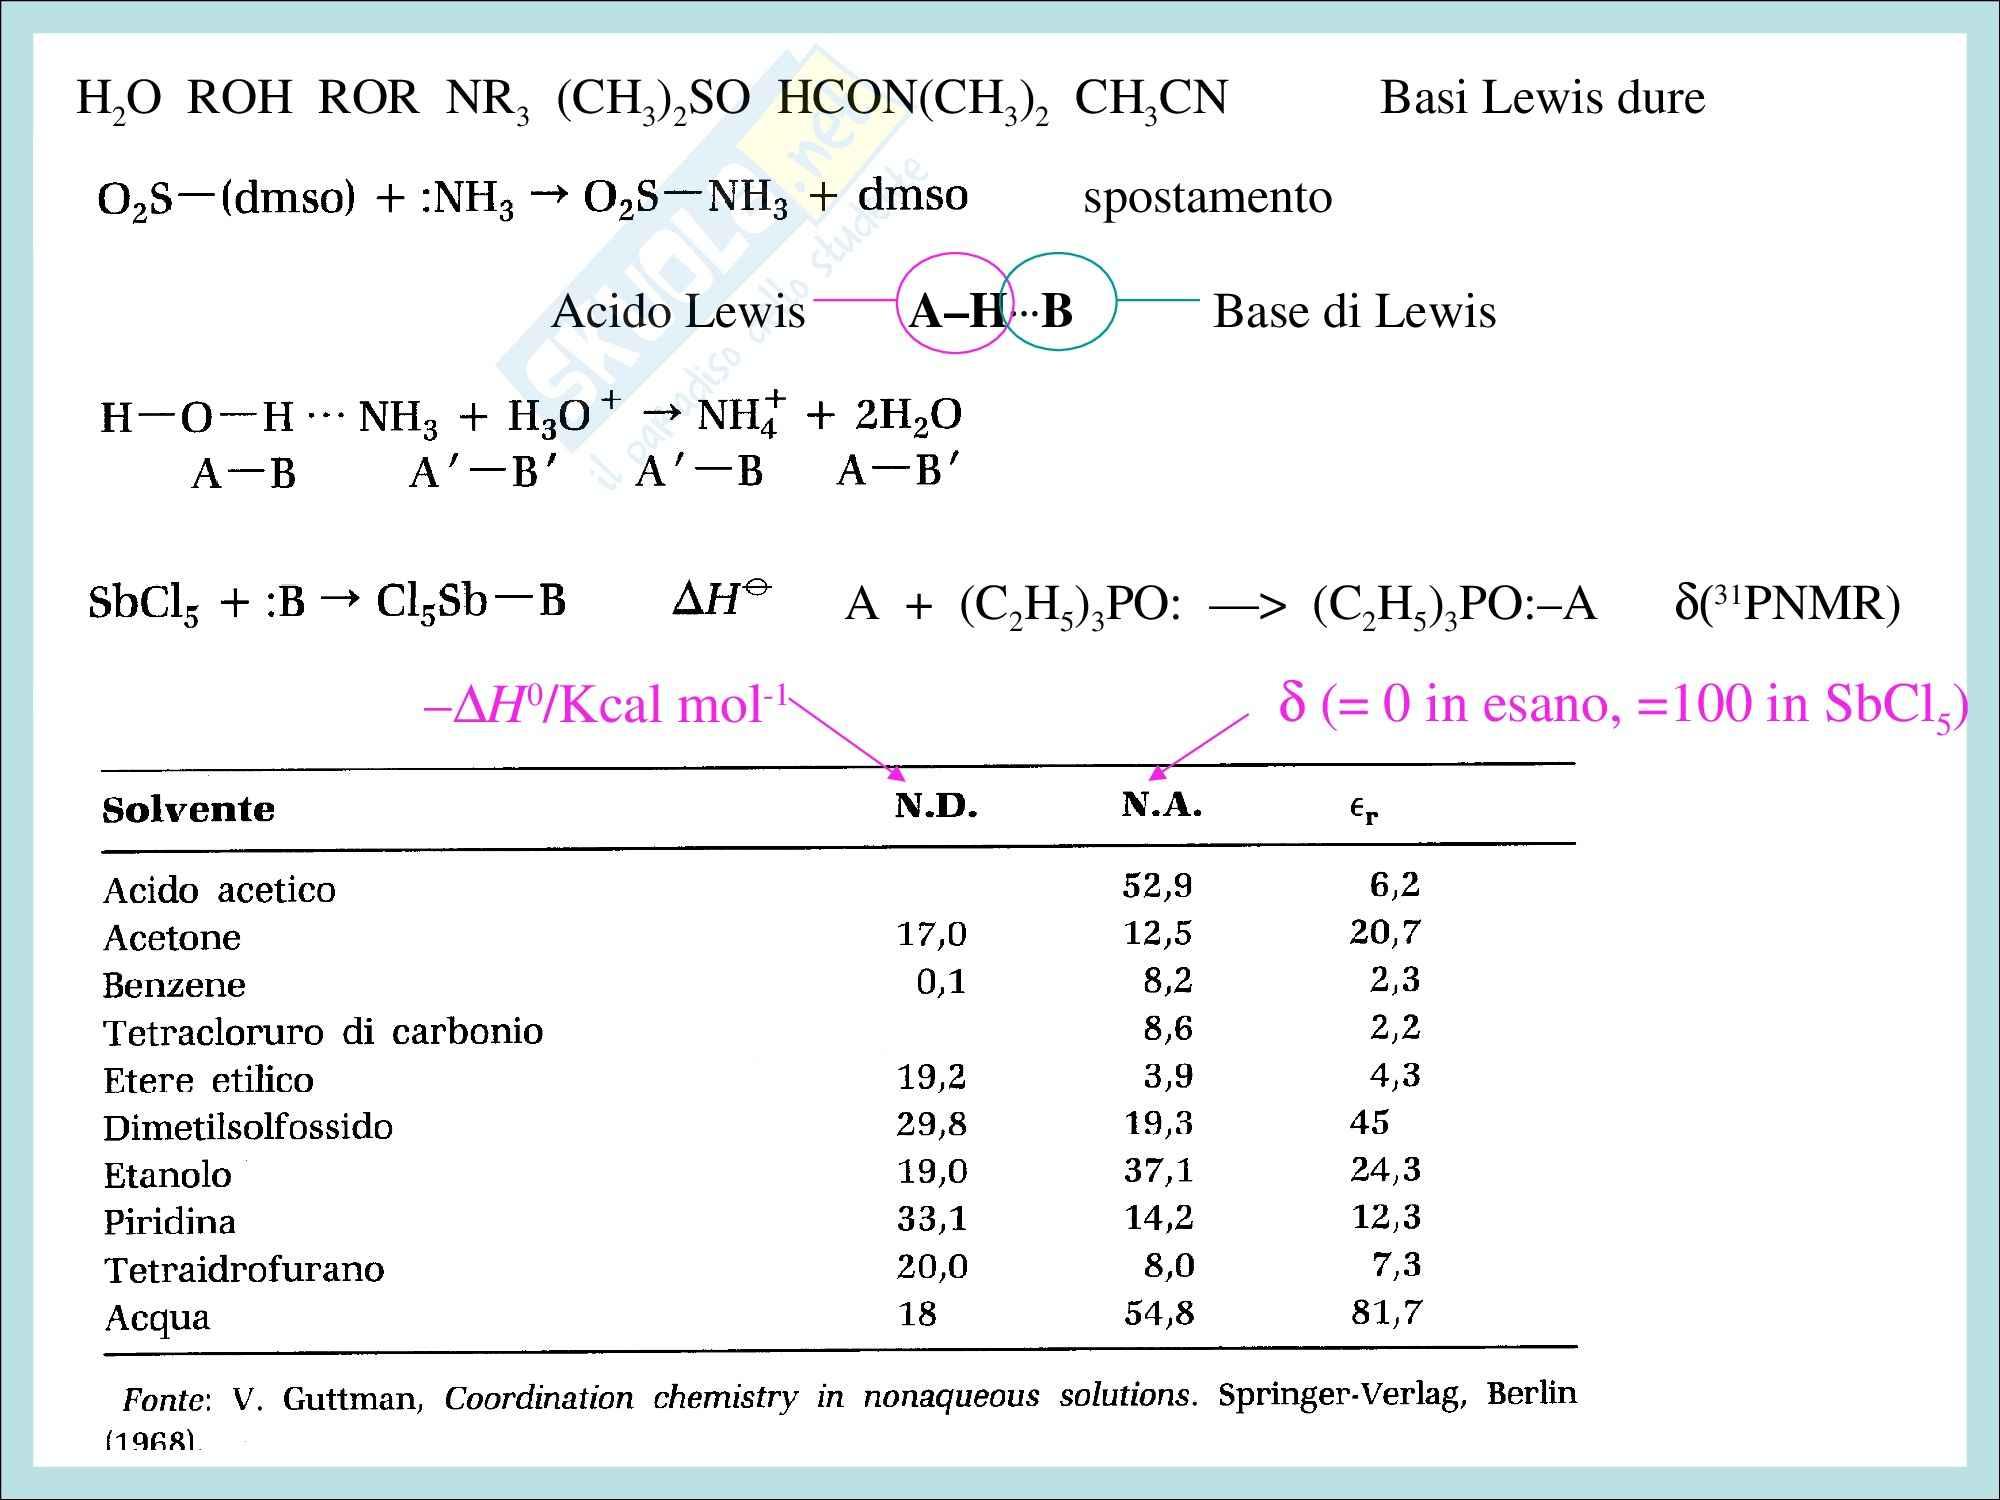 Chimica inorganica - gli acidi e le basi di lewis Pag. 6